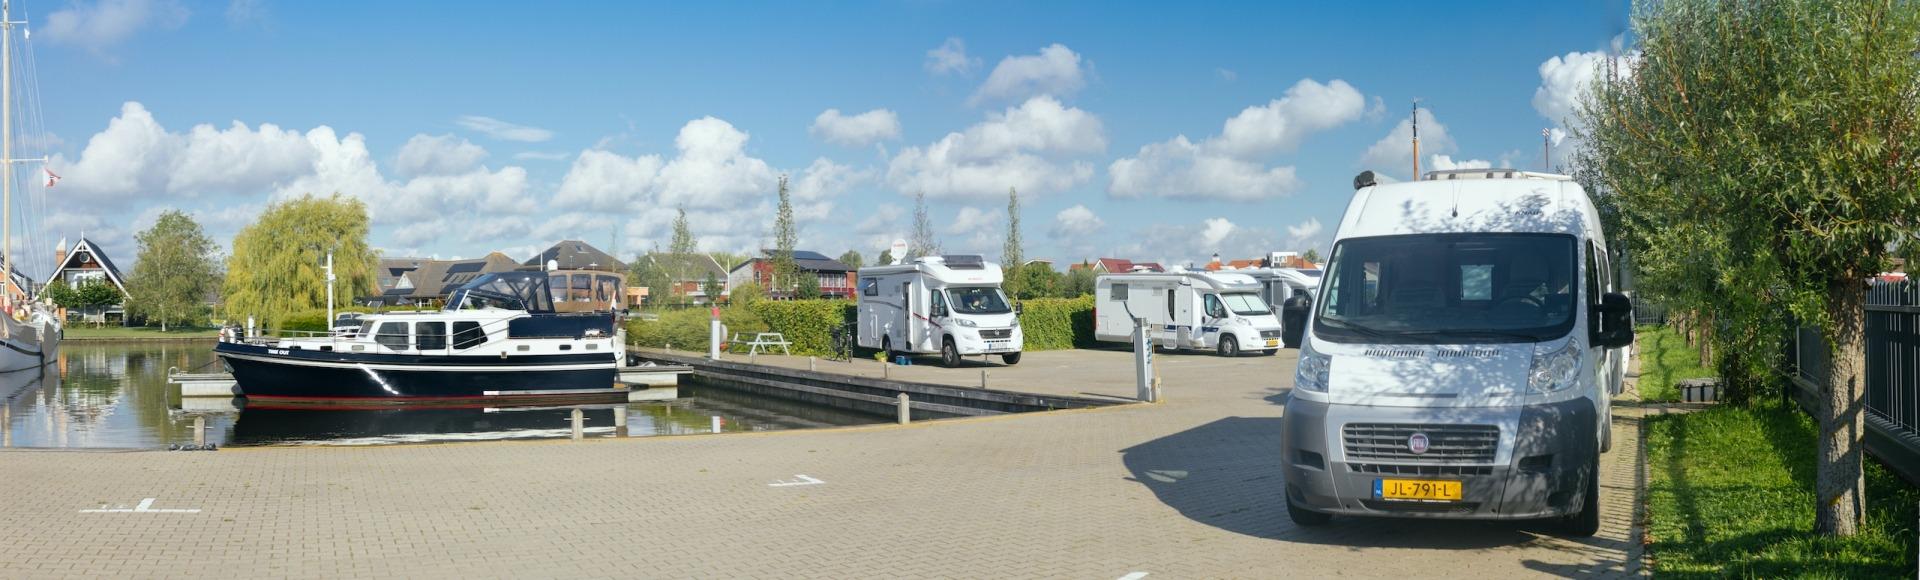 Camperplaats Leeuwarden met jachthaven Leeuwarden